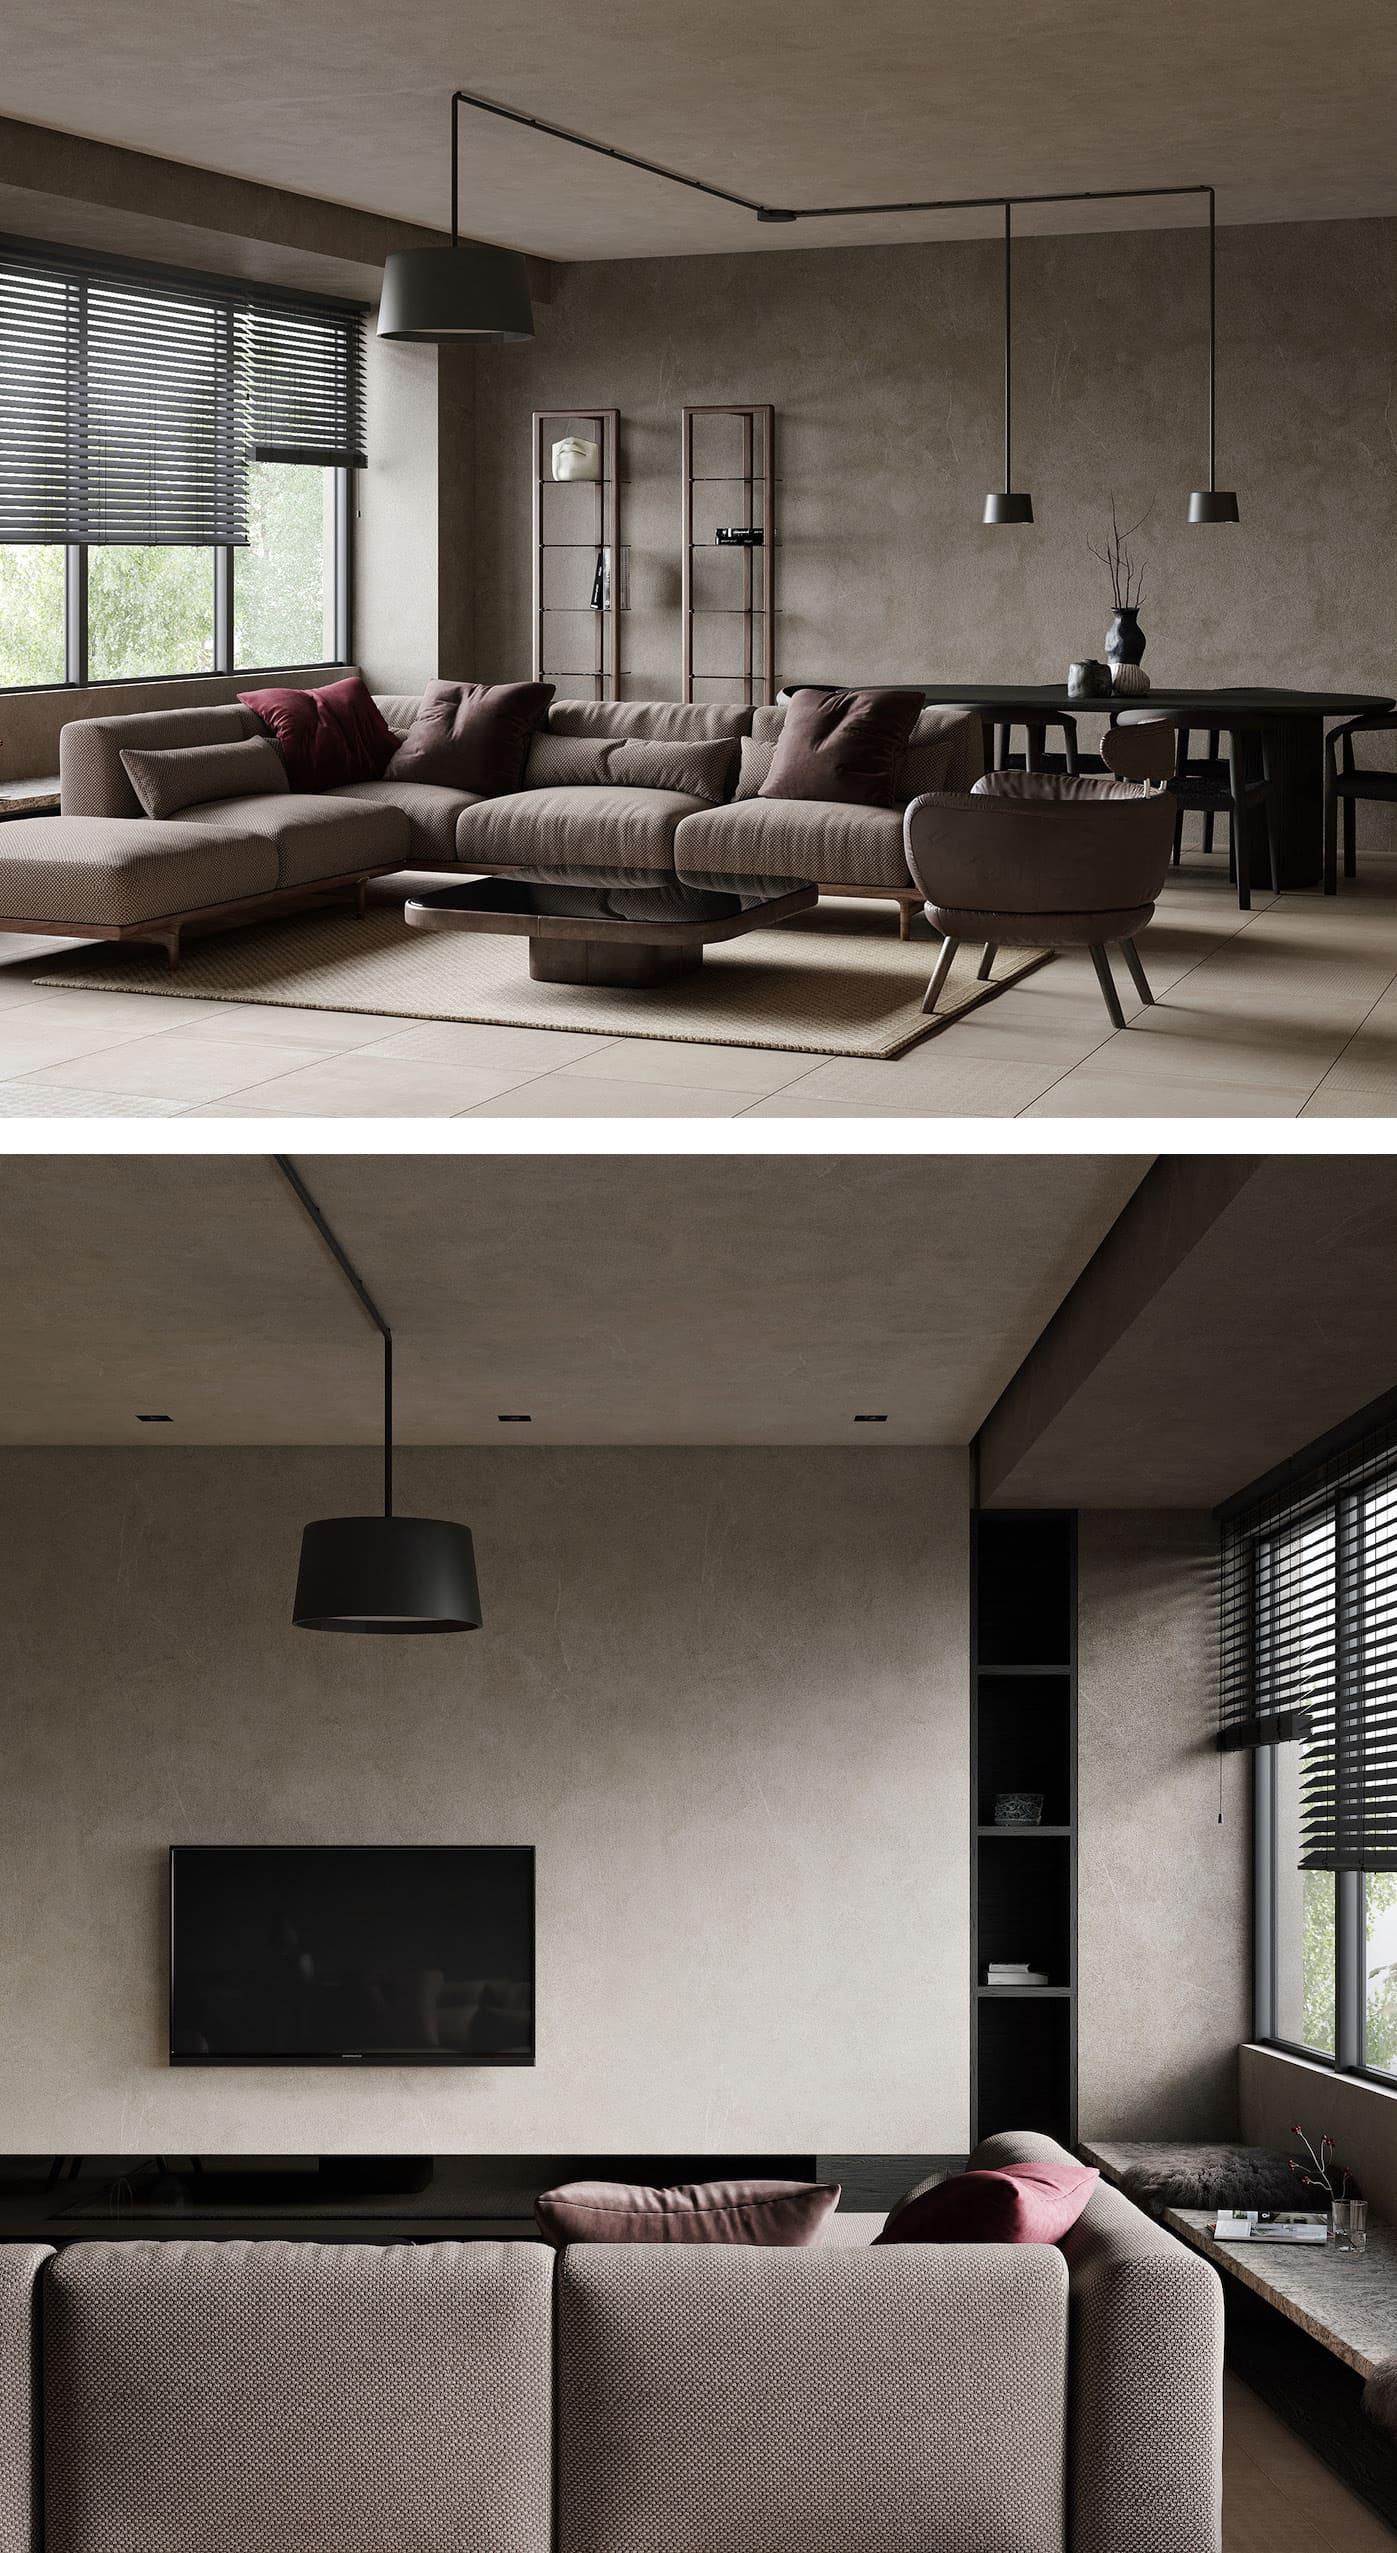 Design d'un appartement à une chambre photo 4